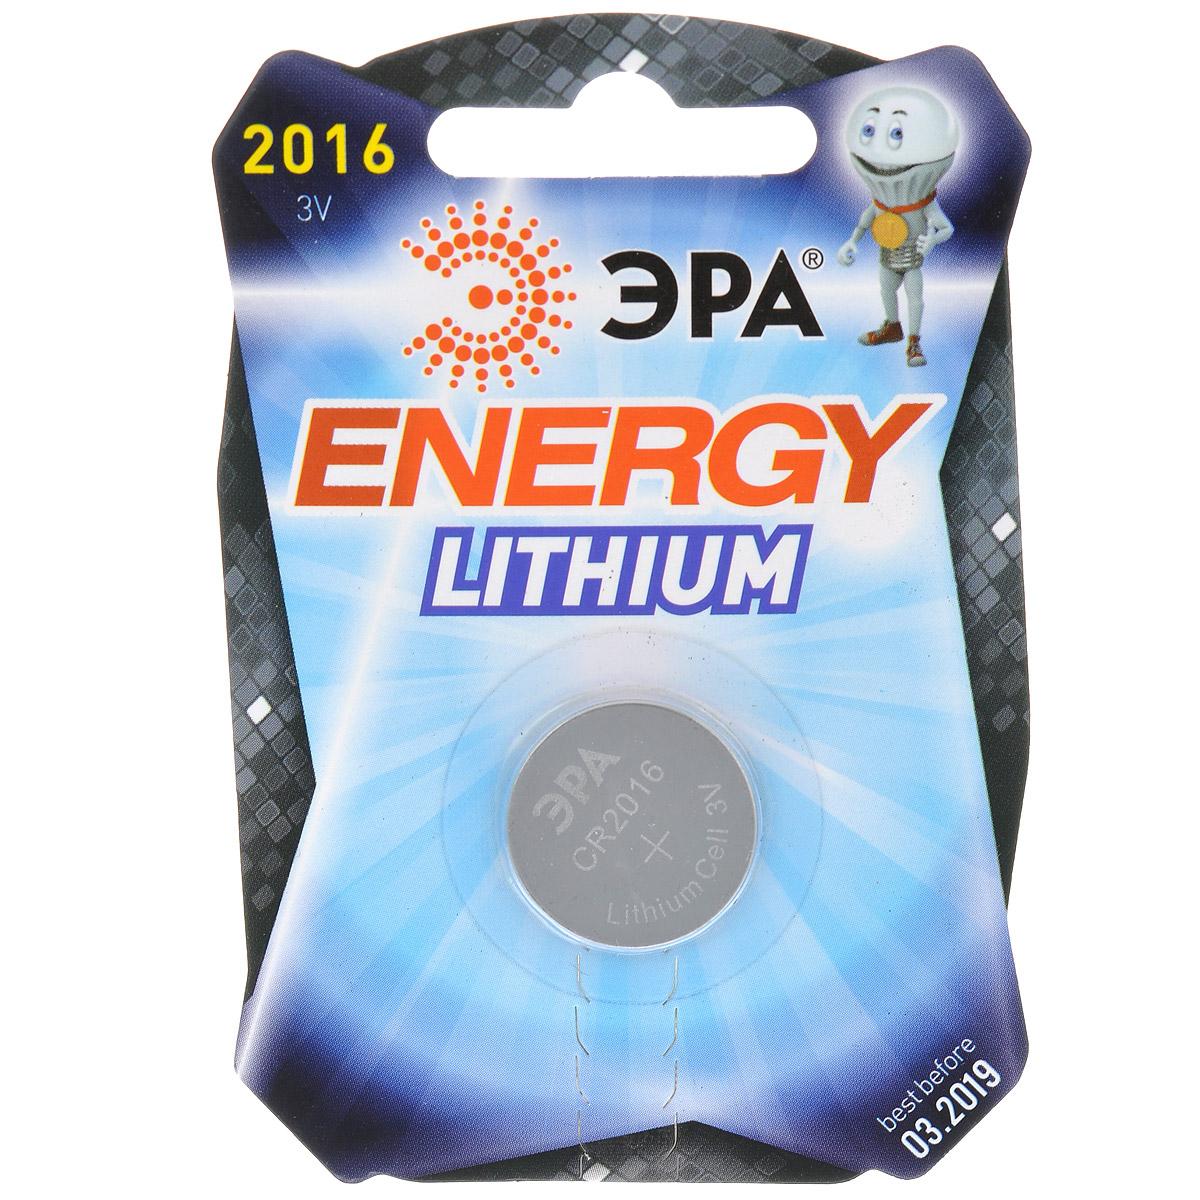 Батарейка литиевая ЭРА Energy, тип CR2016 (1BL), 3В39438Литиевые батарейки ЭРА Energy оптимально подходят для повседневного питания множества современных бытовых приборов: электронных игрушек, фонарей, беспроводной компьютерной периферии и многого другого. Батарейки созданы для устройств с высоким потреблением энергии. Работают в 10 раз дольше, чем обычные солевые элементы питания. Диаметр батарейки: 1,9 см.Уважаемые клиенты!Обращаем ваше внимание на возможные изменения в дизайне упаковки. Качественные характеристики товара остаются неизменными. Поставка осуществляется в зависимости от наличия на складе.